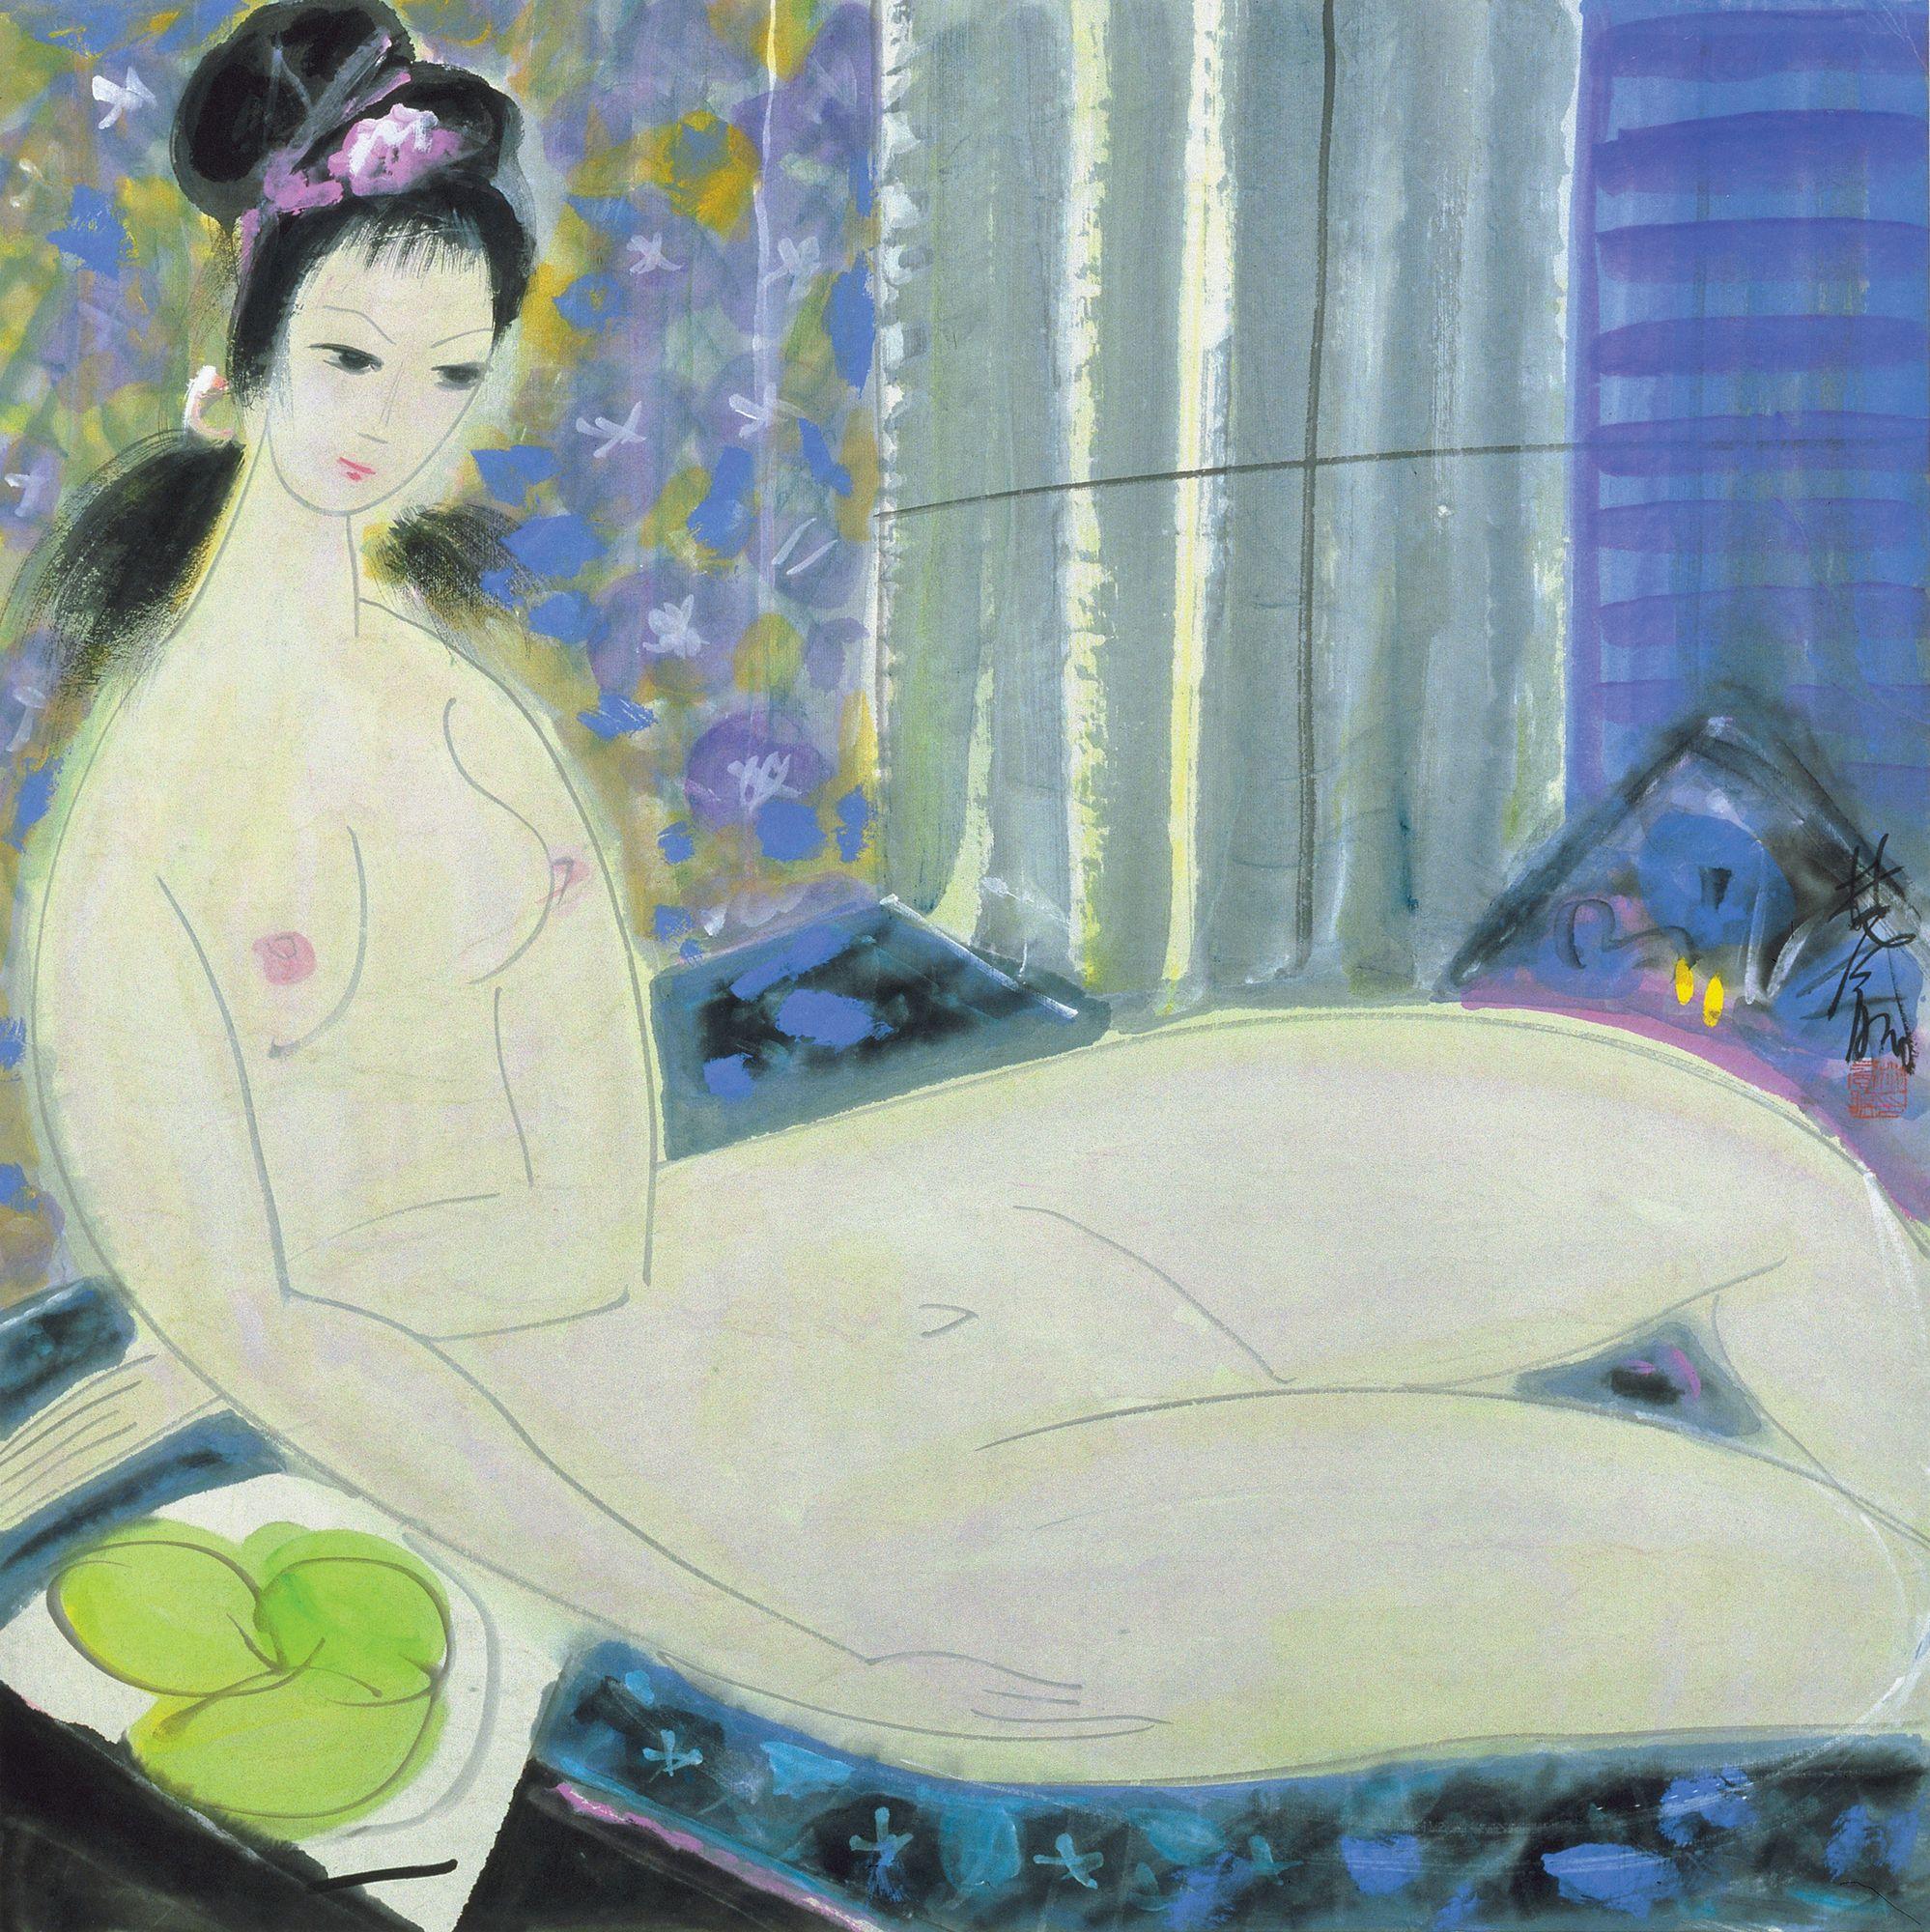 Lin Fengmian, 1900-1991. Обнаженная. 66.9 х 67.4 см. Частная коллекция